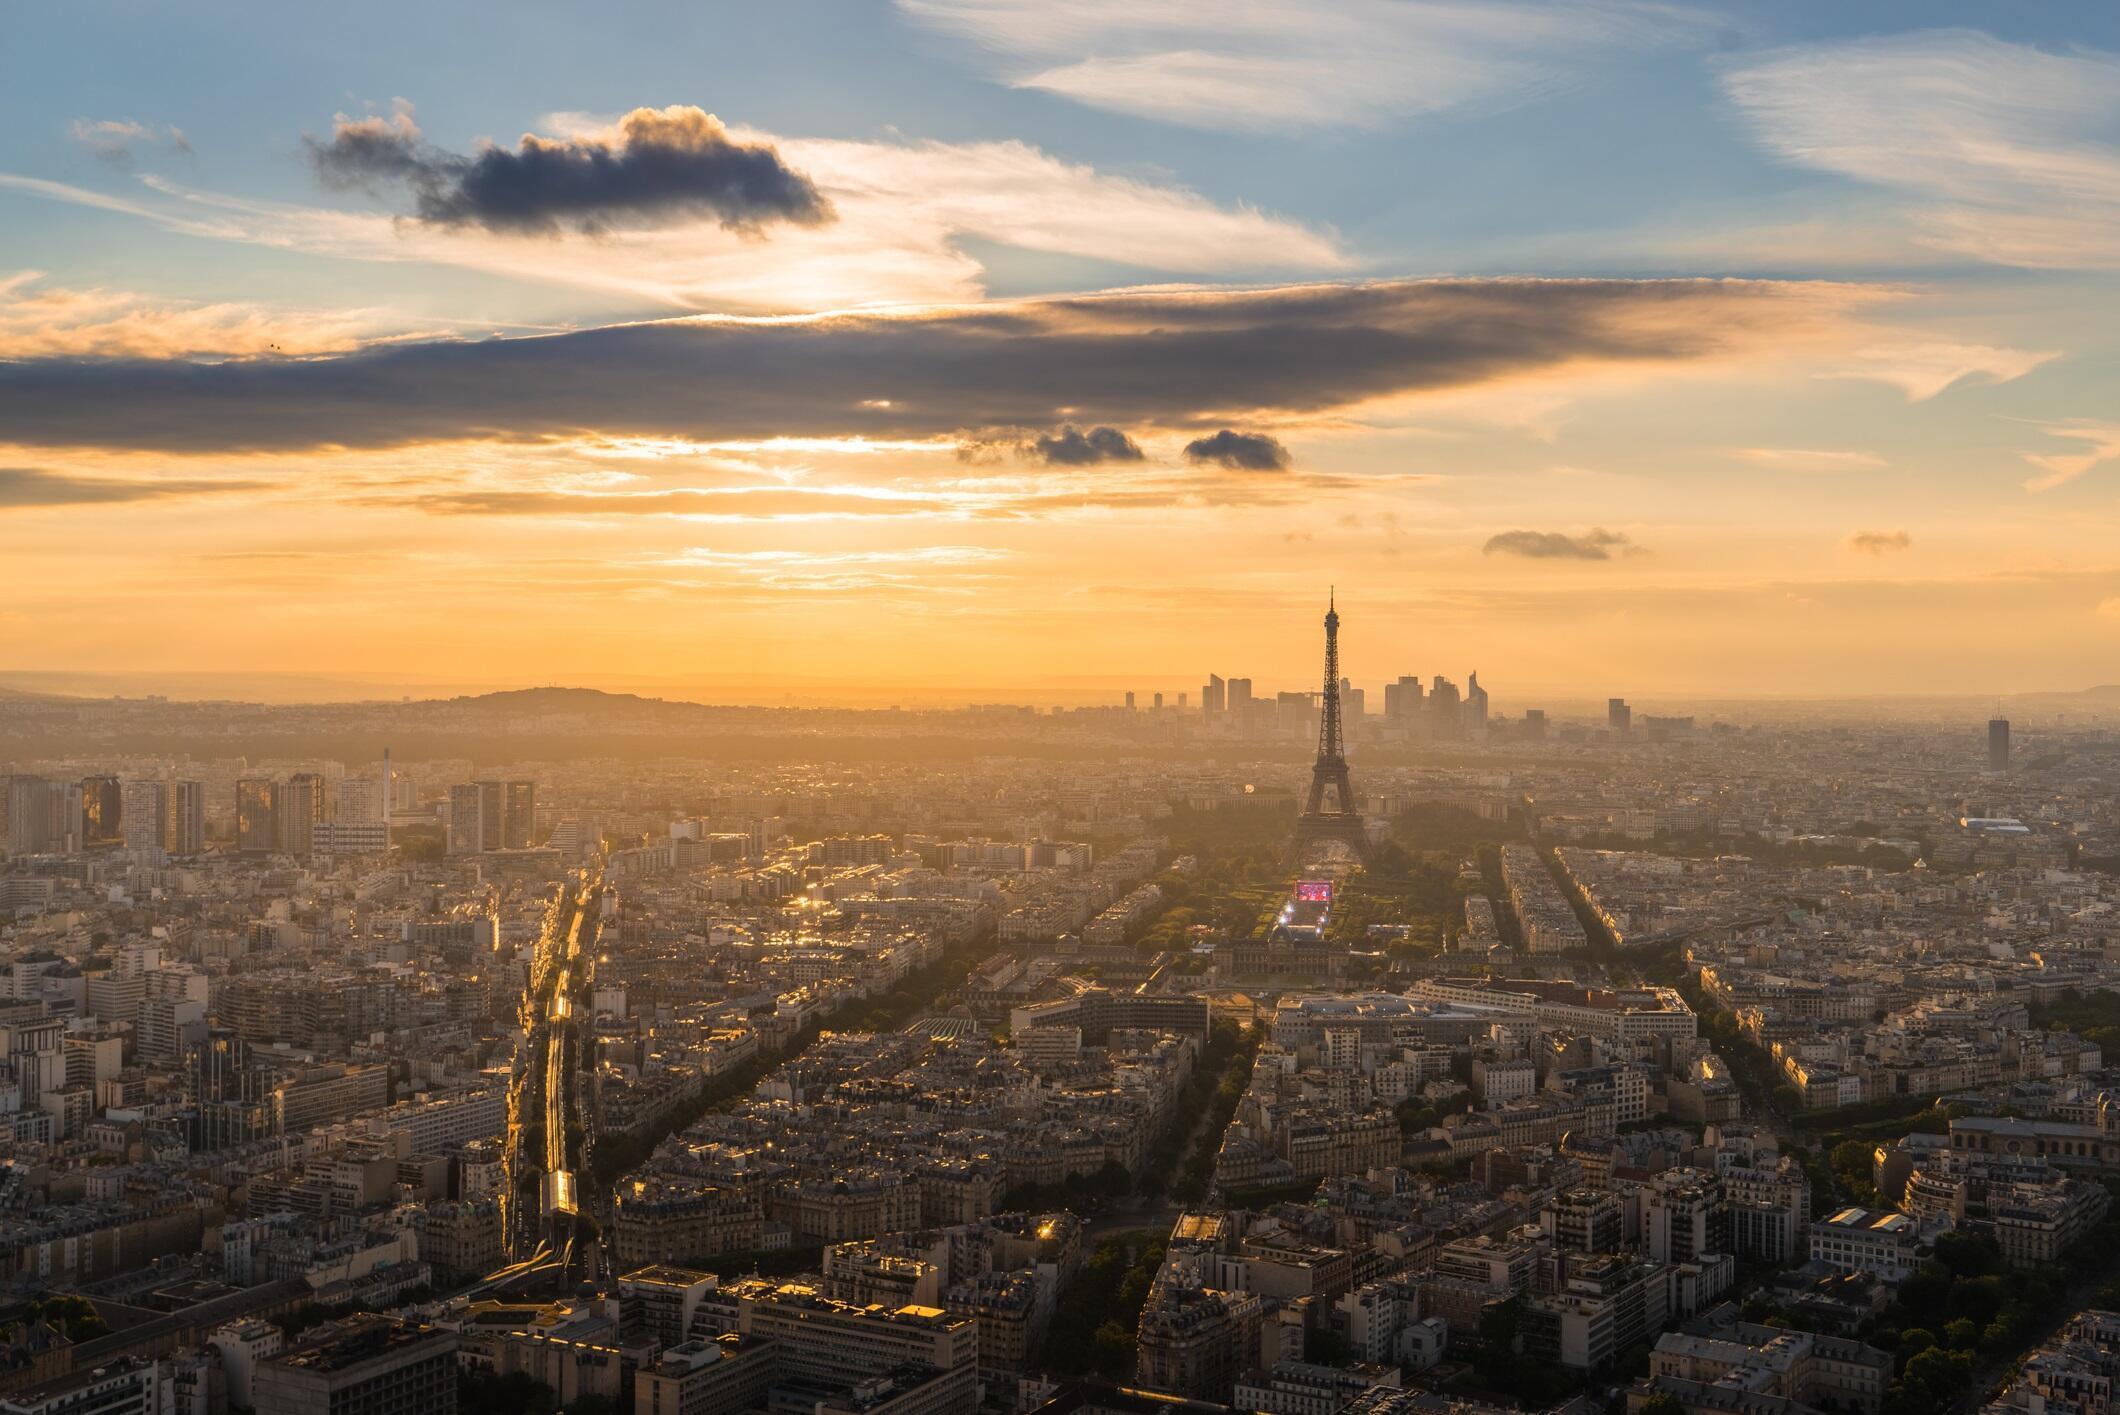 Paris atrai investimentos imobiliários estrangeiros que acabam expulsando a população nativa para os subúrbios.